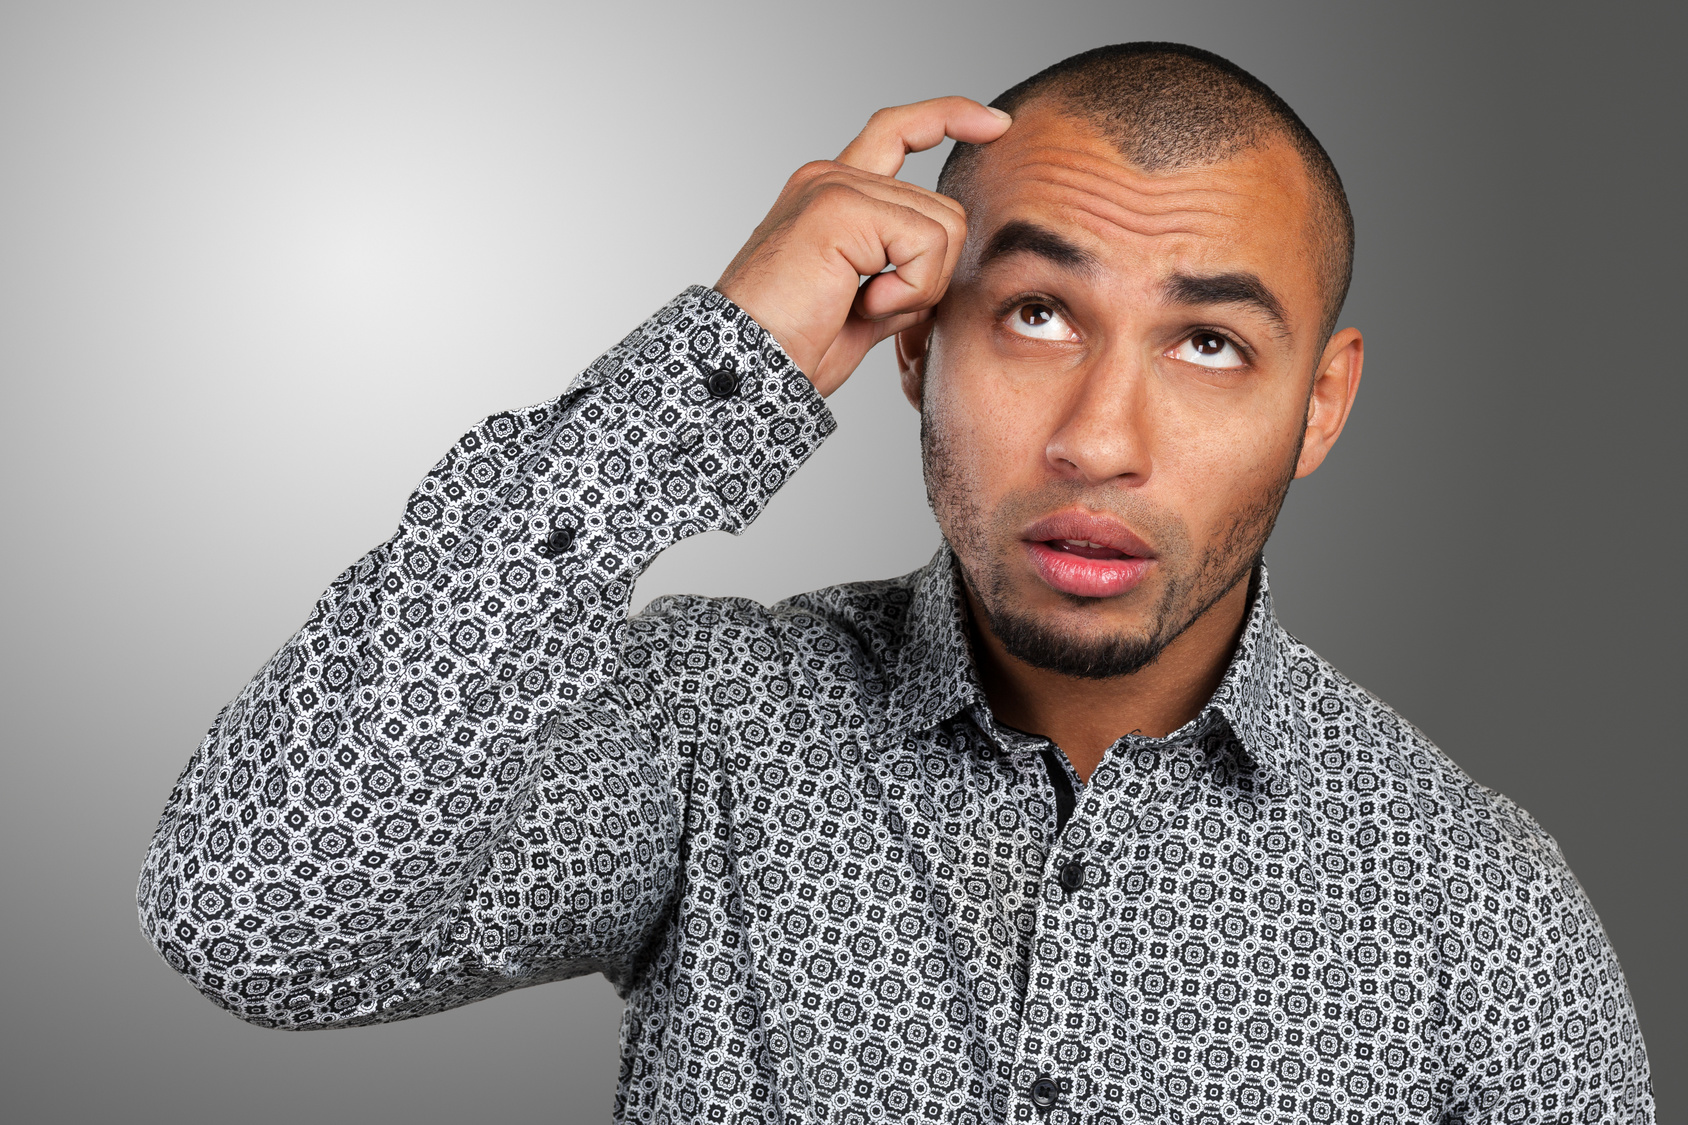 将来男性型脱毛症になるかどうかは母方の祖父がどうかを見ましょう!?